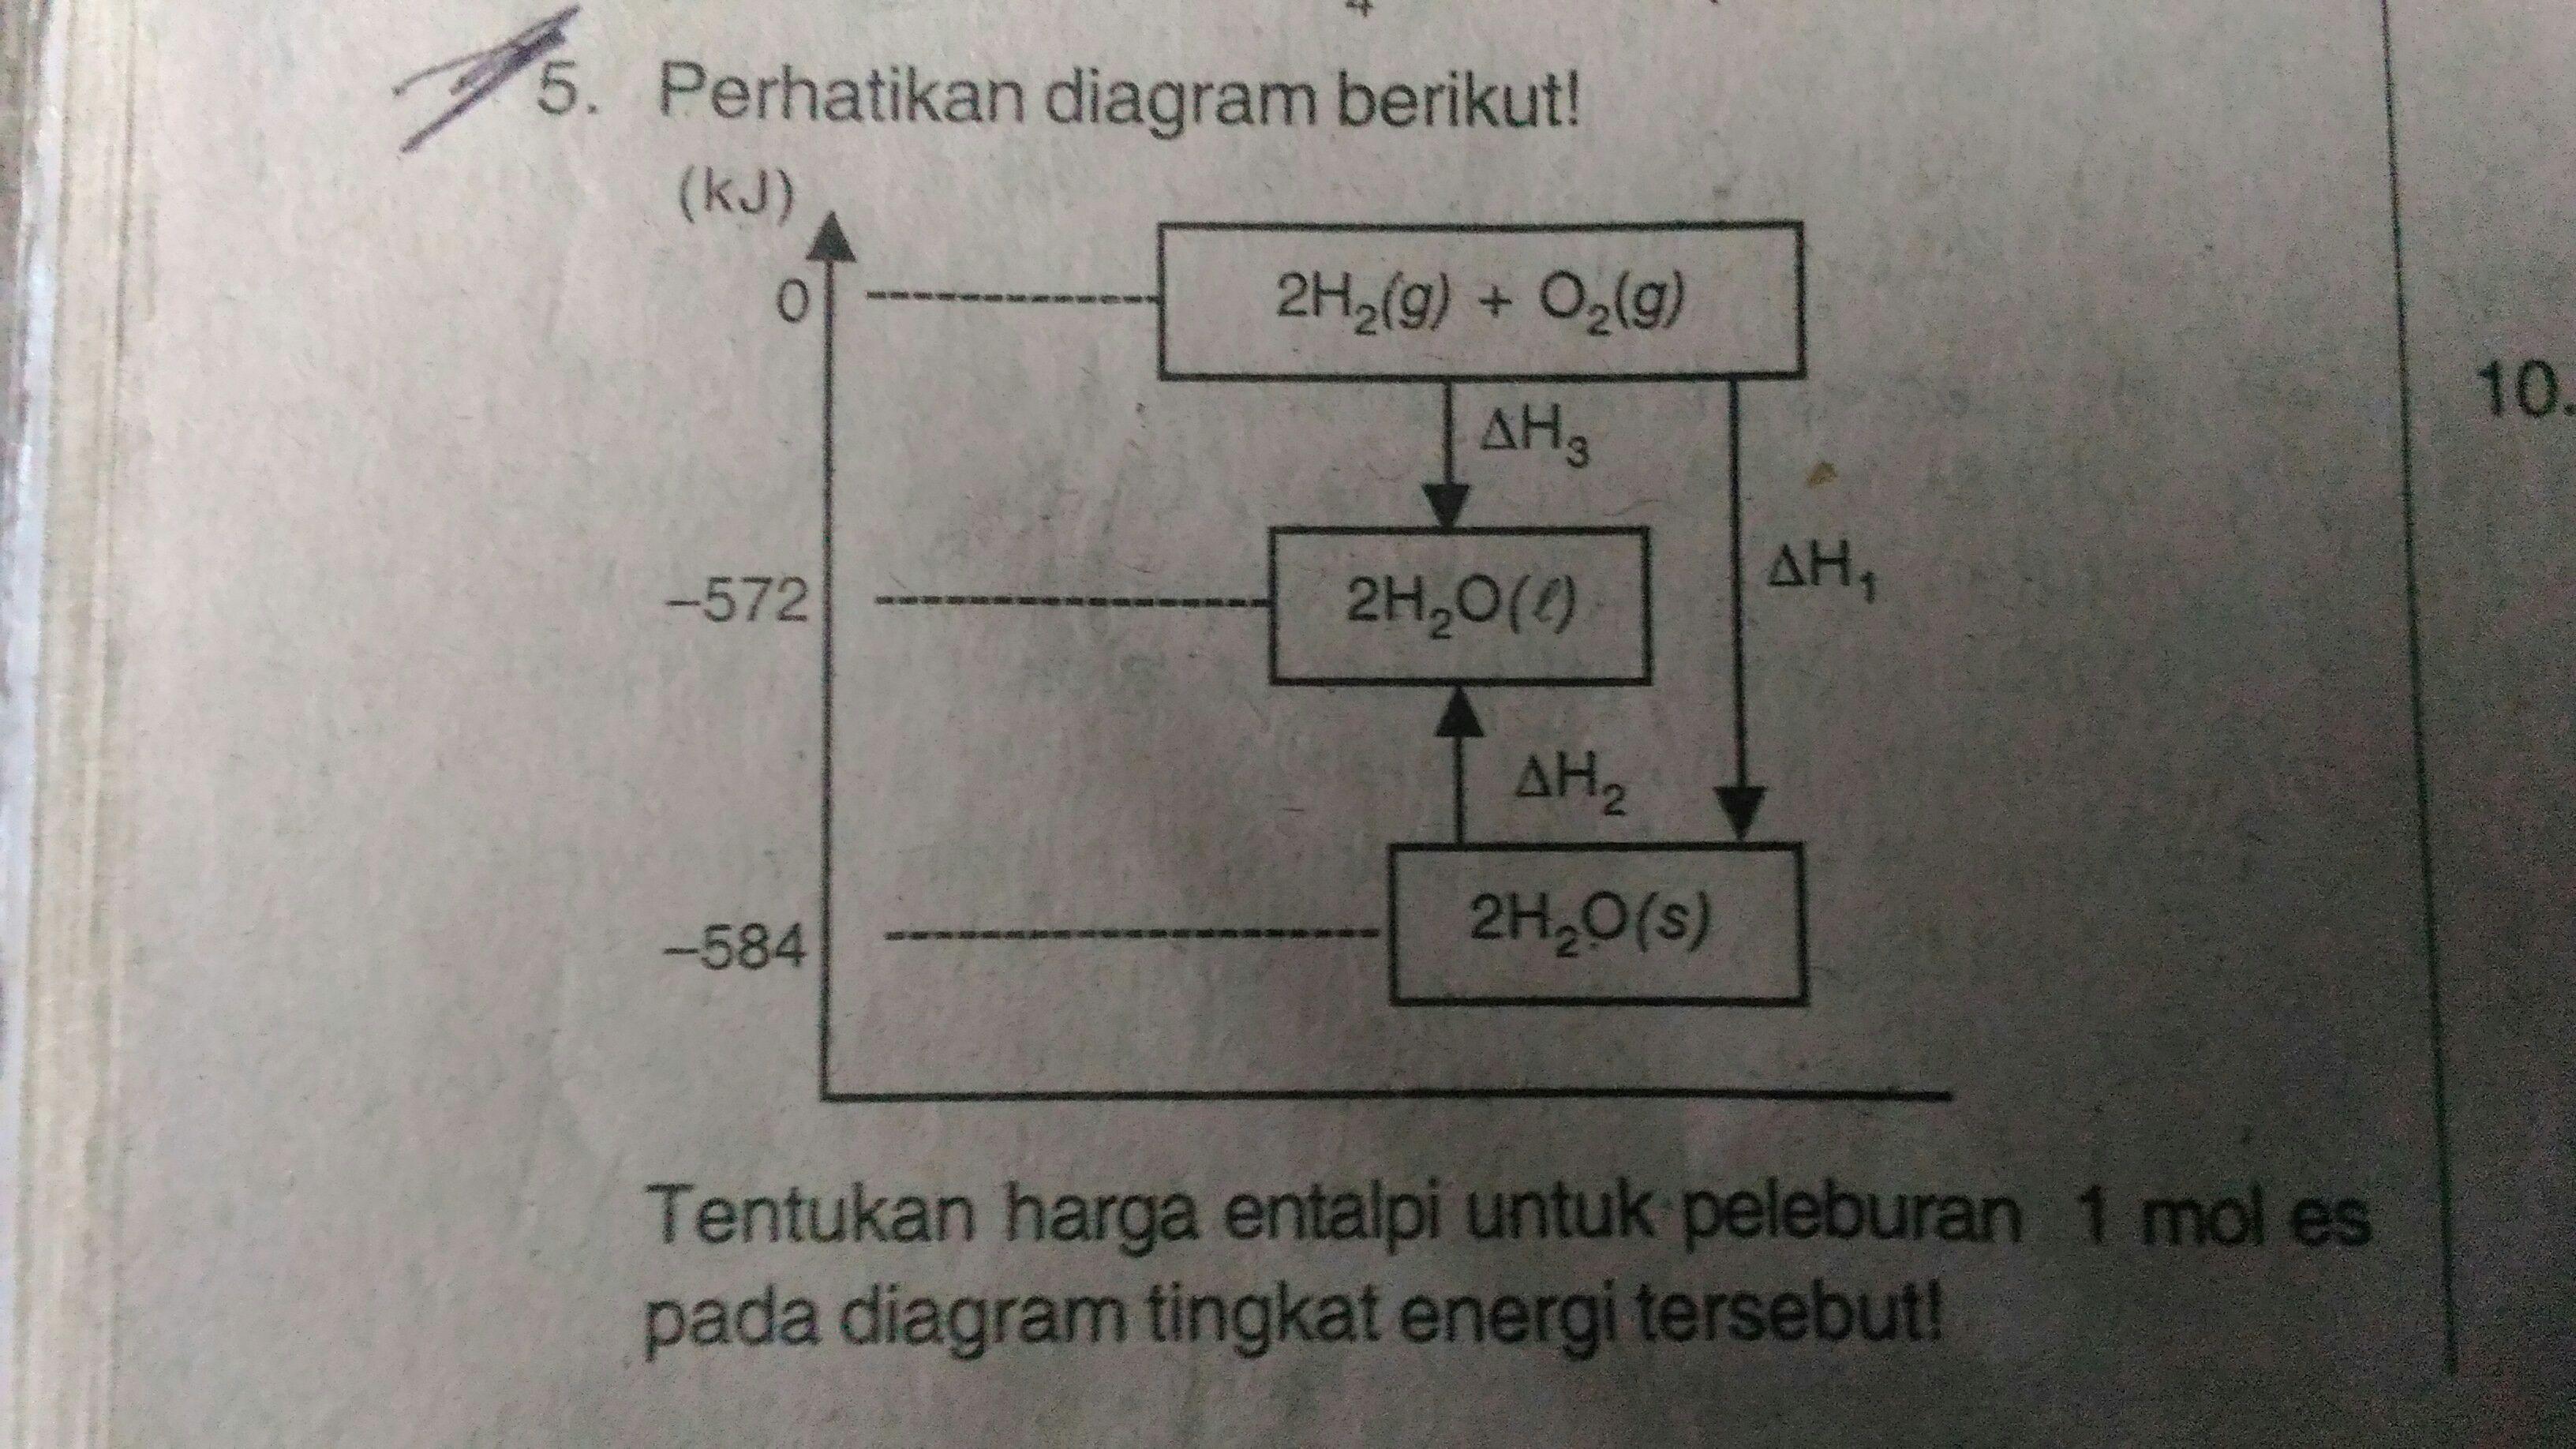 Tentukan harga entalpi untuk peleburan 1 mol es pada diagram tingkat tentukan harga entalpi untuk peleburan 1 mol es pada diagram tingkat energi tersebut ccuart Gallery